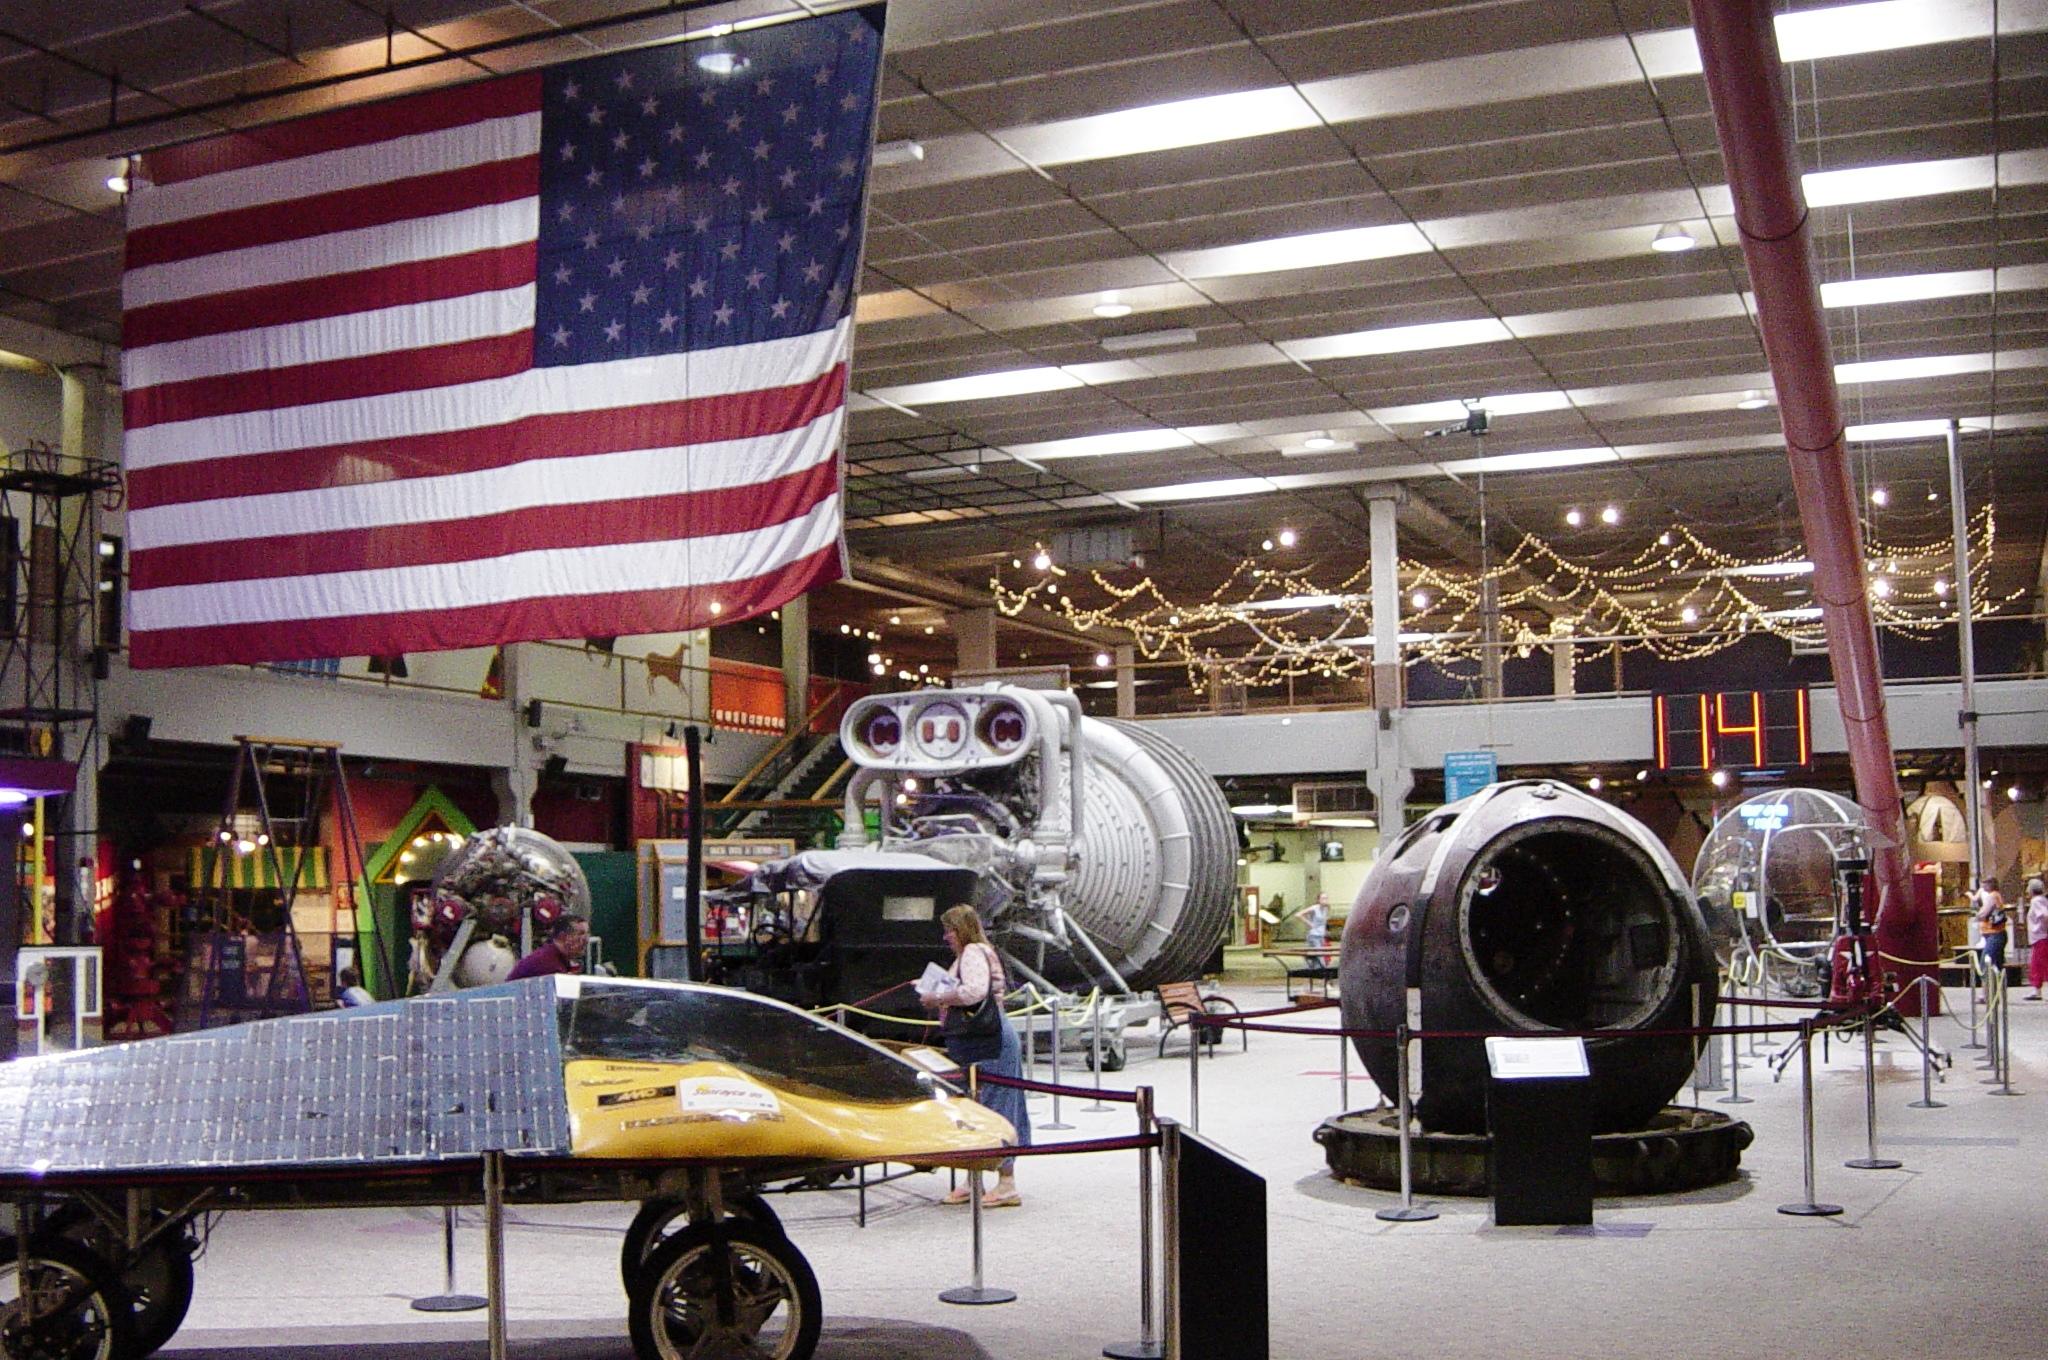 Omniplex_Science_Museum_-_Kirkpatrick_Air_and_Space_Museum.jpg